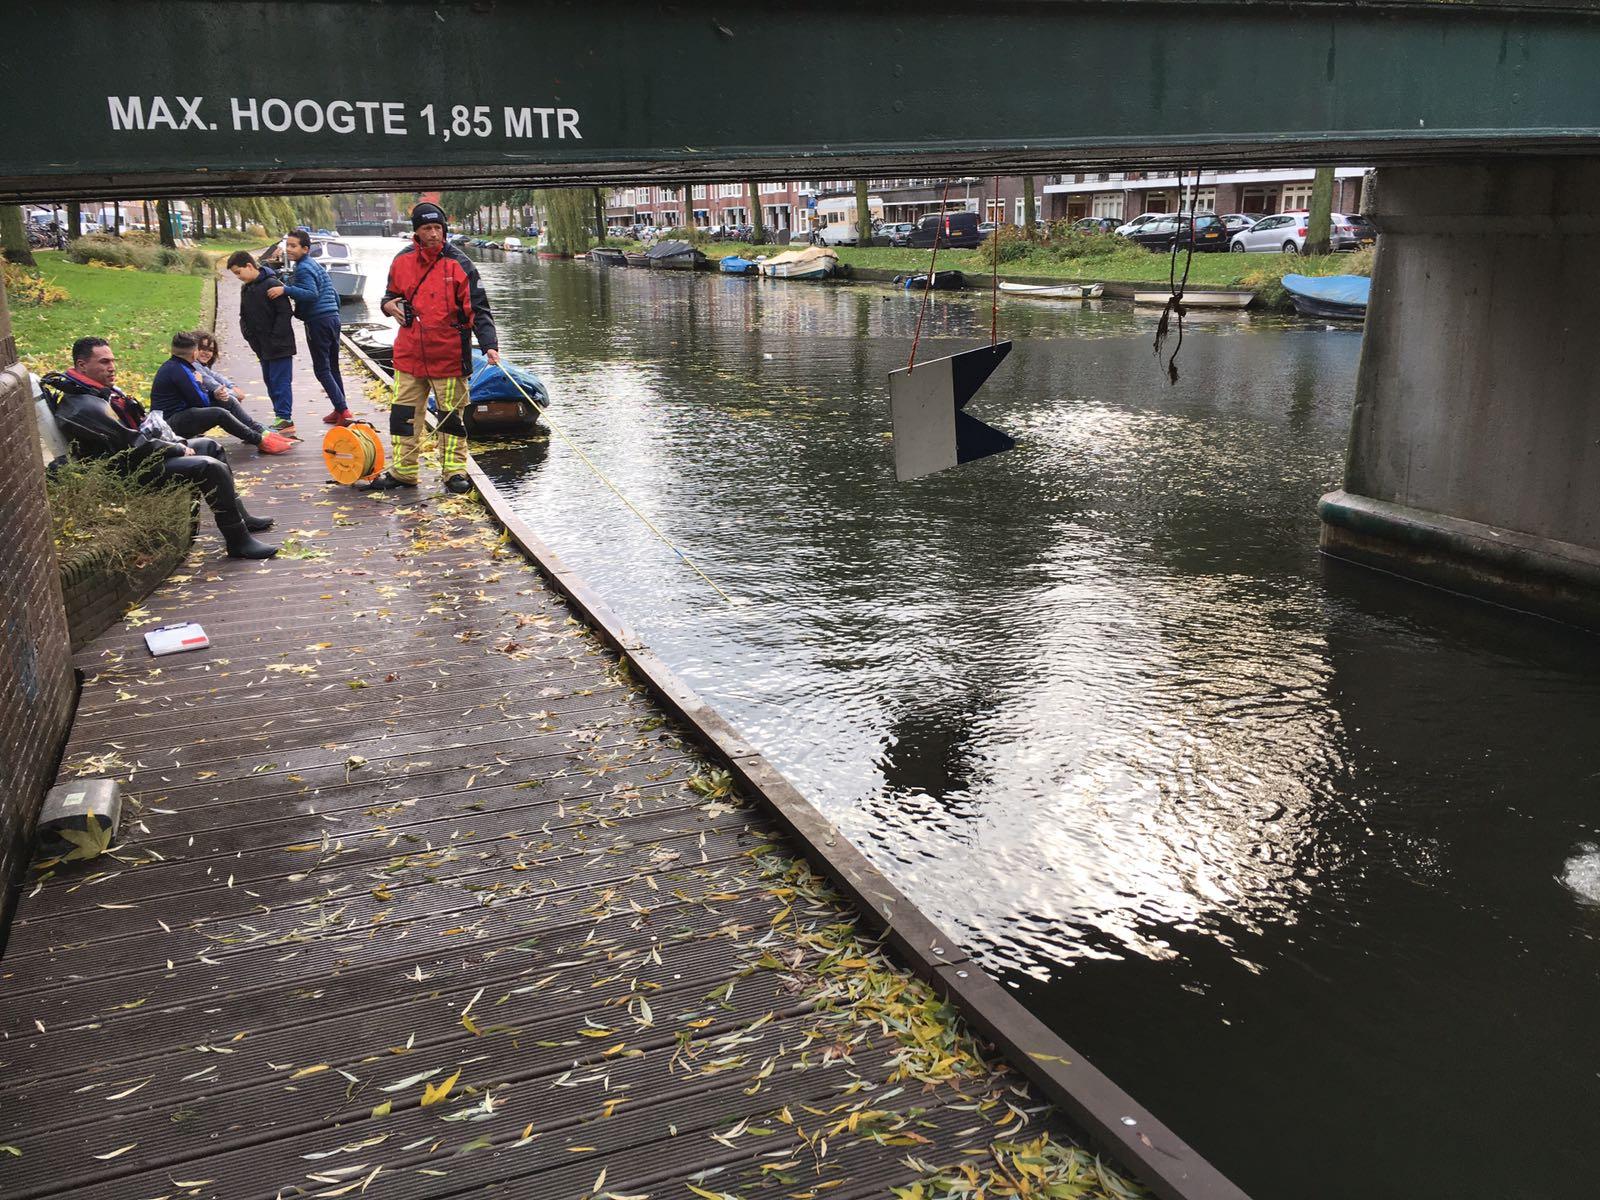 Brandweer Amsterdam Duikt Naar Verloren Ring